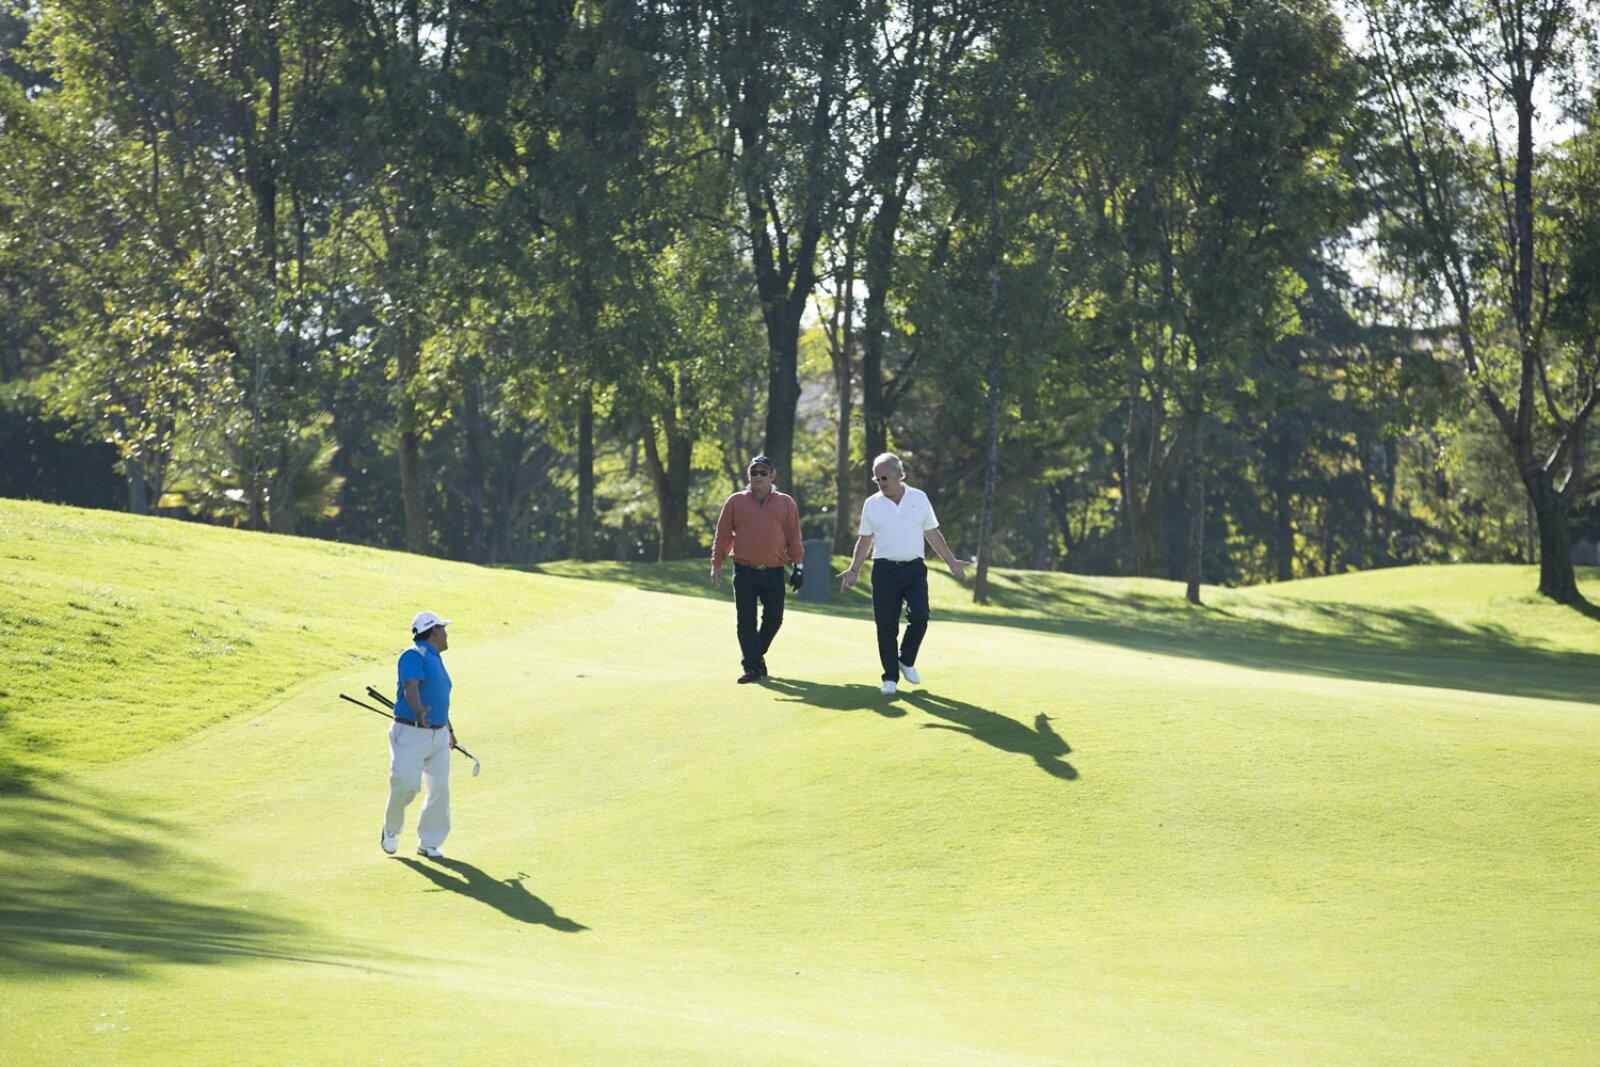 Torneo de golf de Peyrelongue